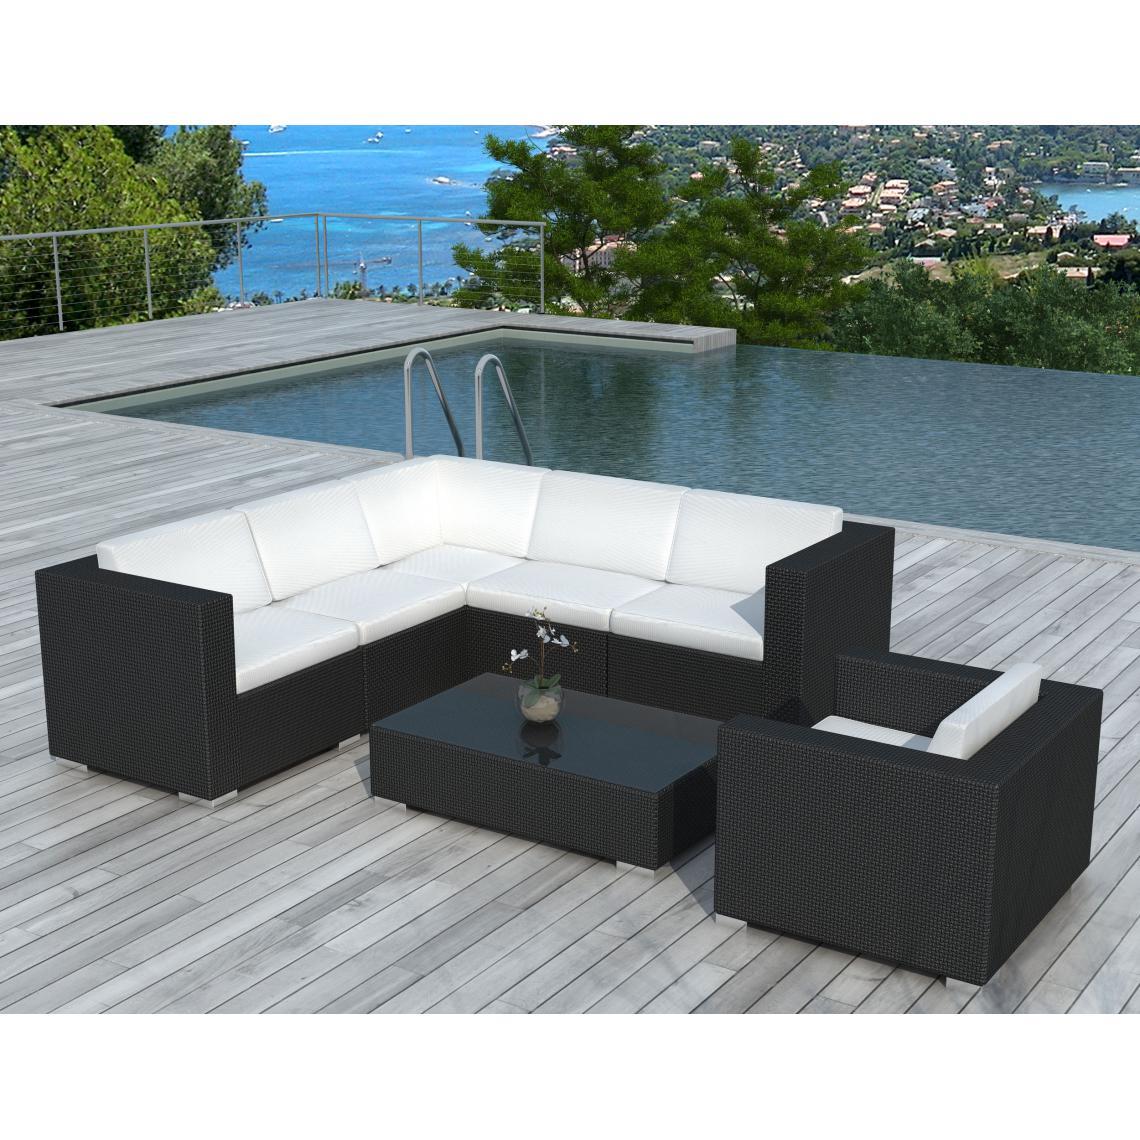 Salon De Jardin Noir Et Blanc En Resine Tressee Californie 216x216x63